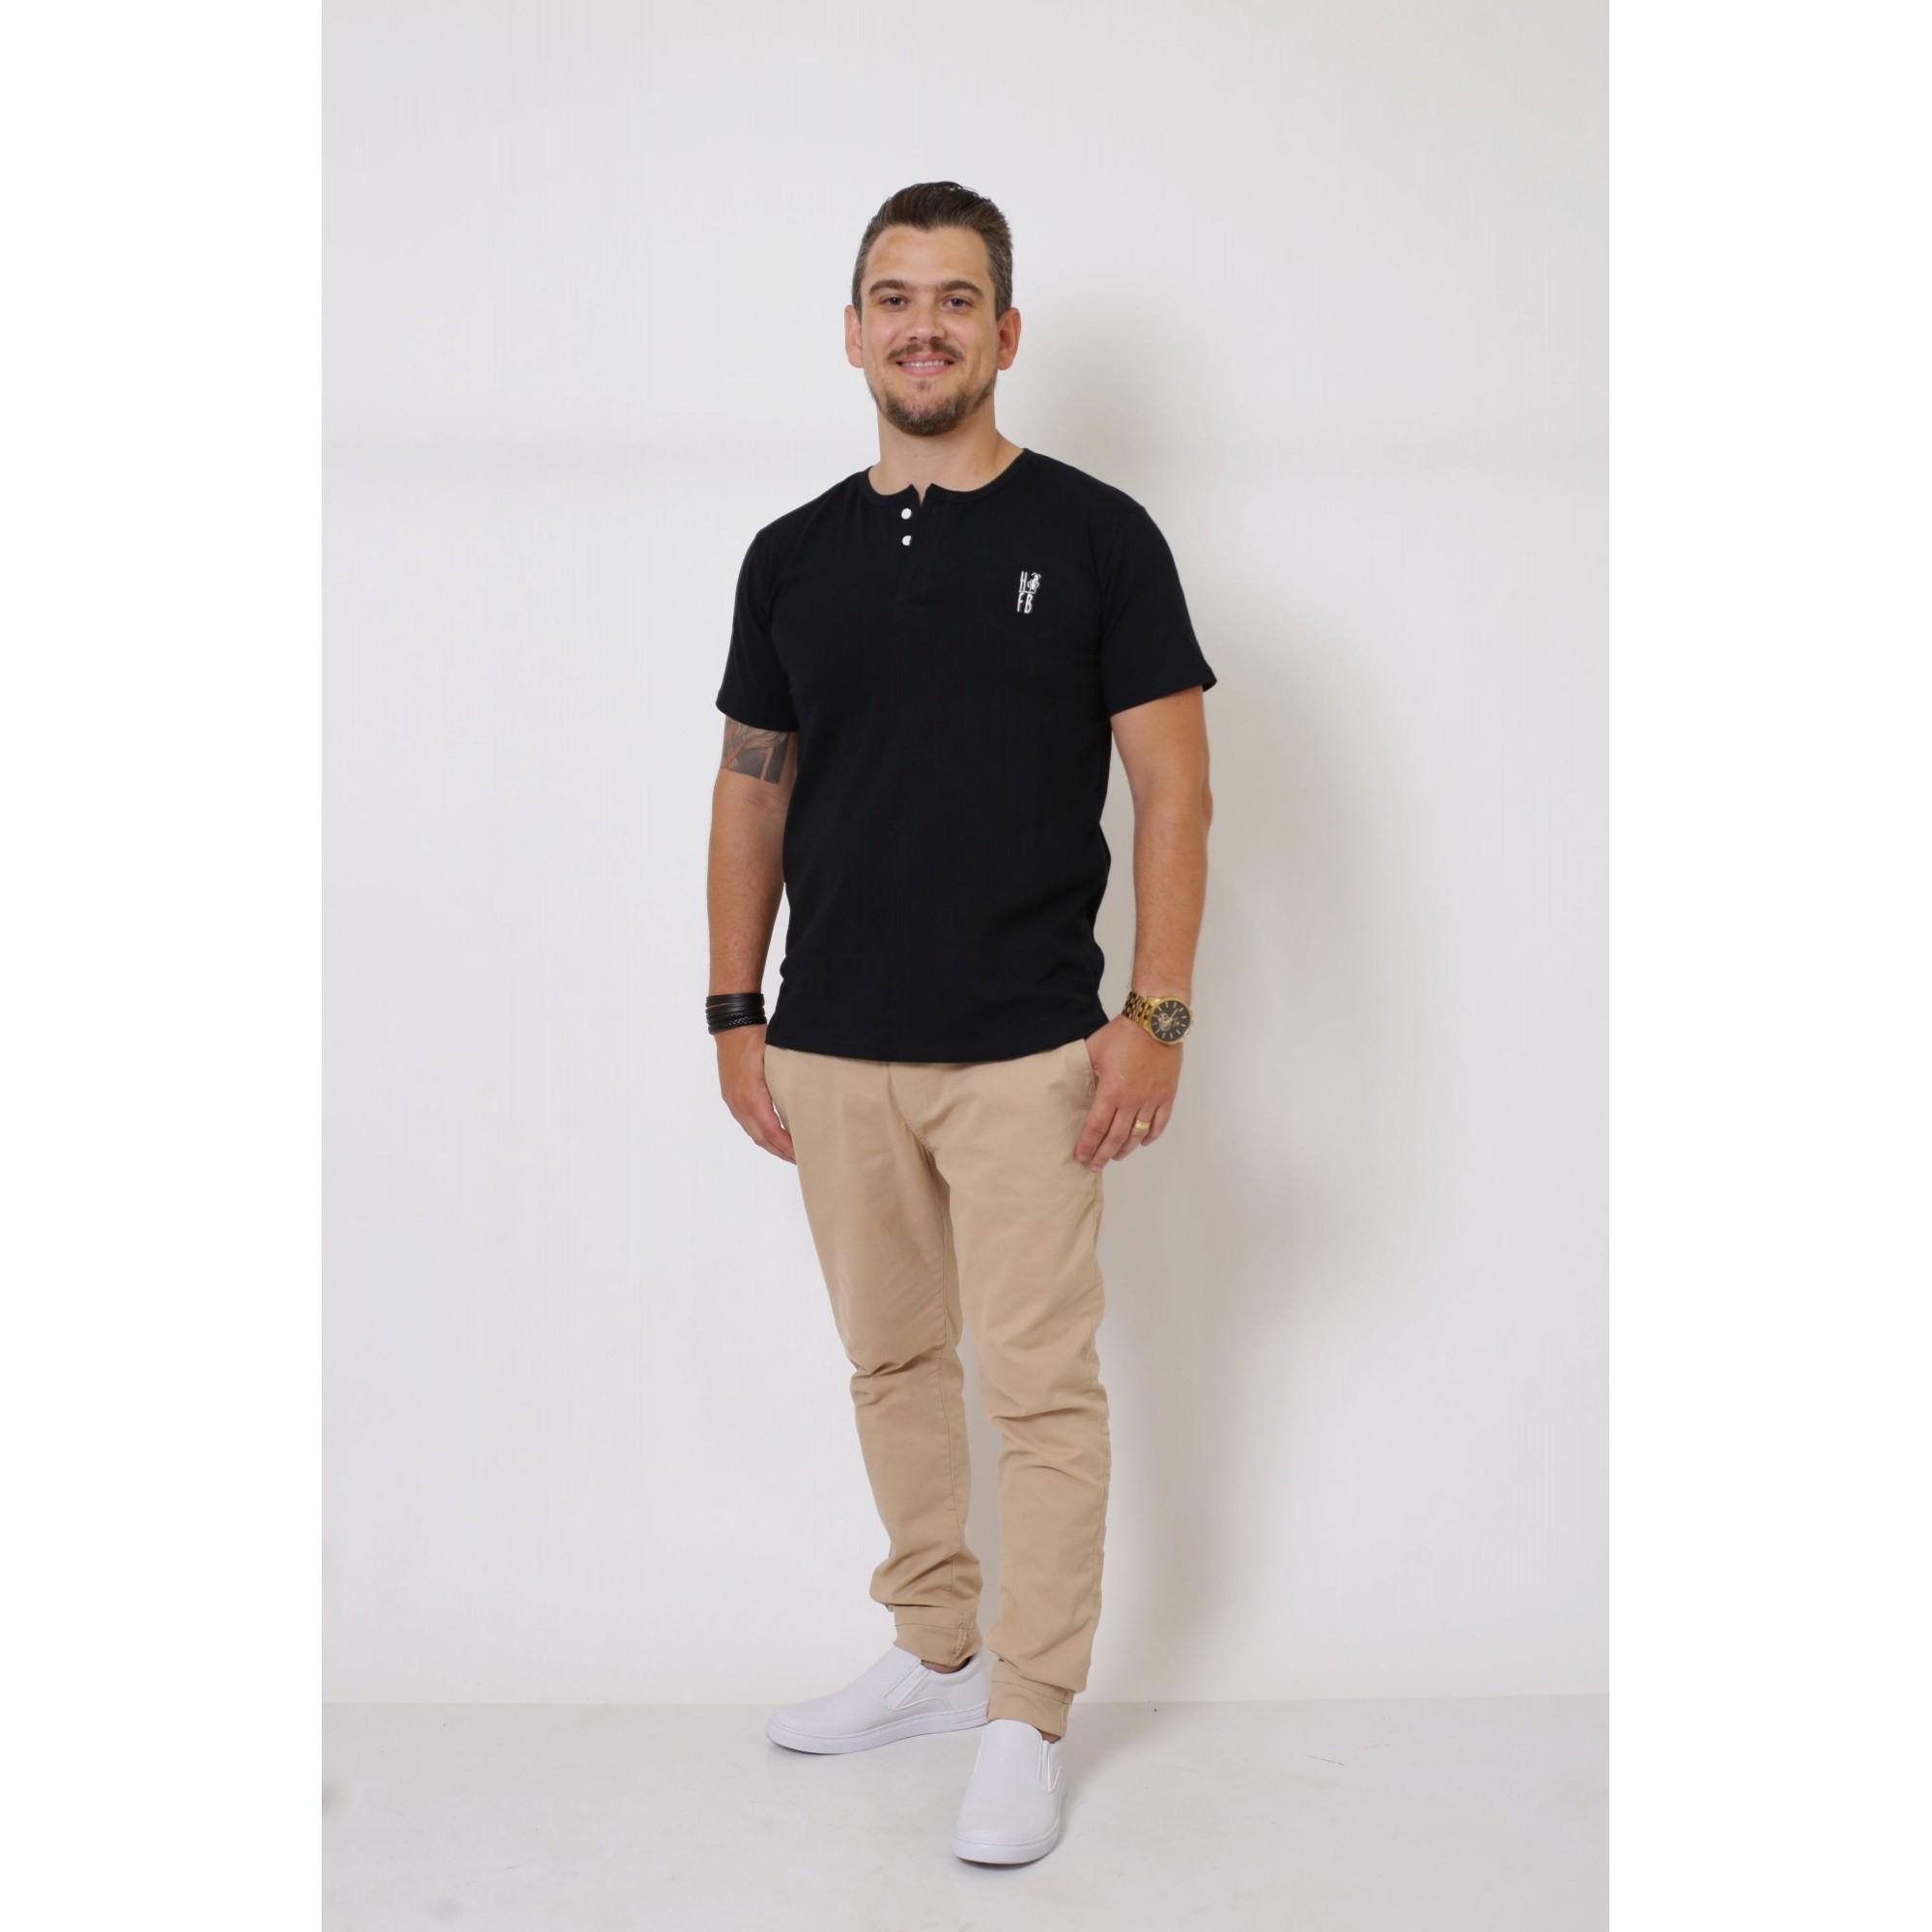 PAI E FILHOS > 02 Peças - T-Shirt + Body Unissex Henley - Preto  [Coleção Tal Pai Tal Filho]  - Heitor Fashion Brazil